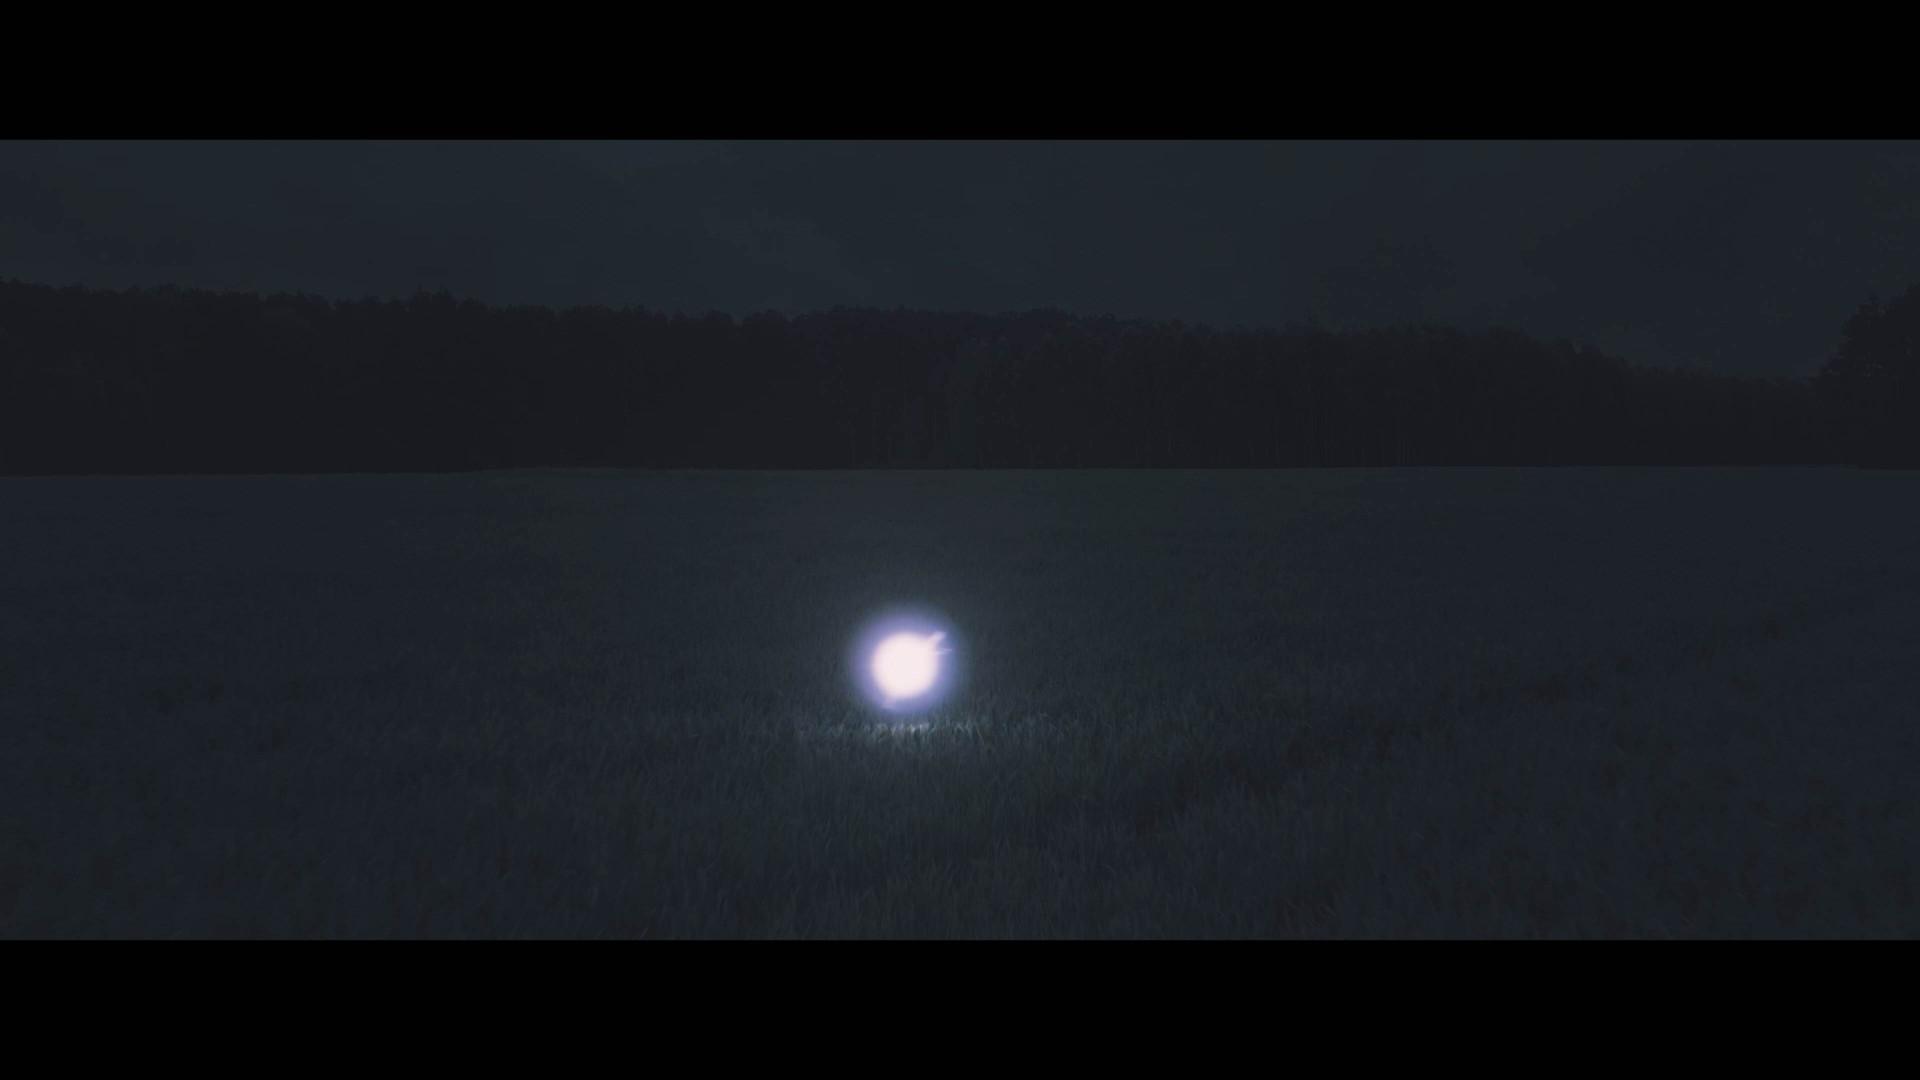 lighting_00002.jpg